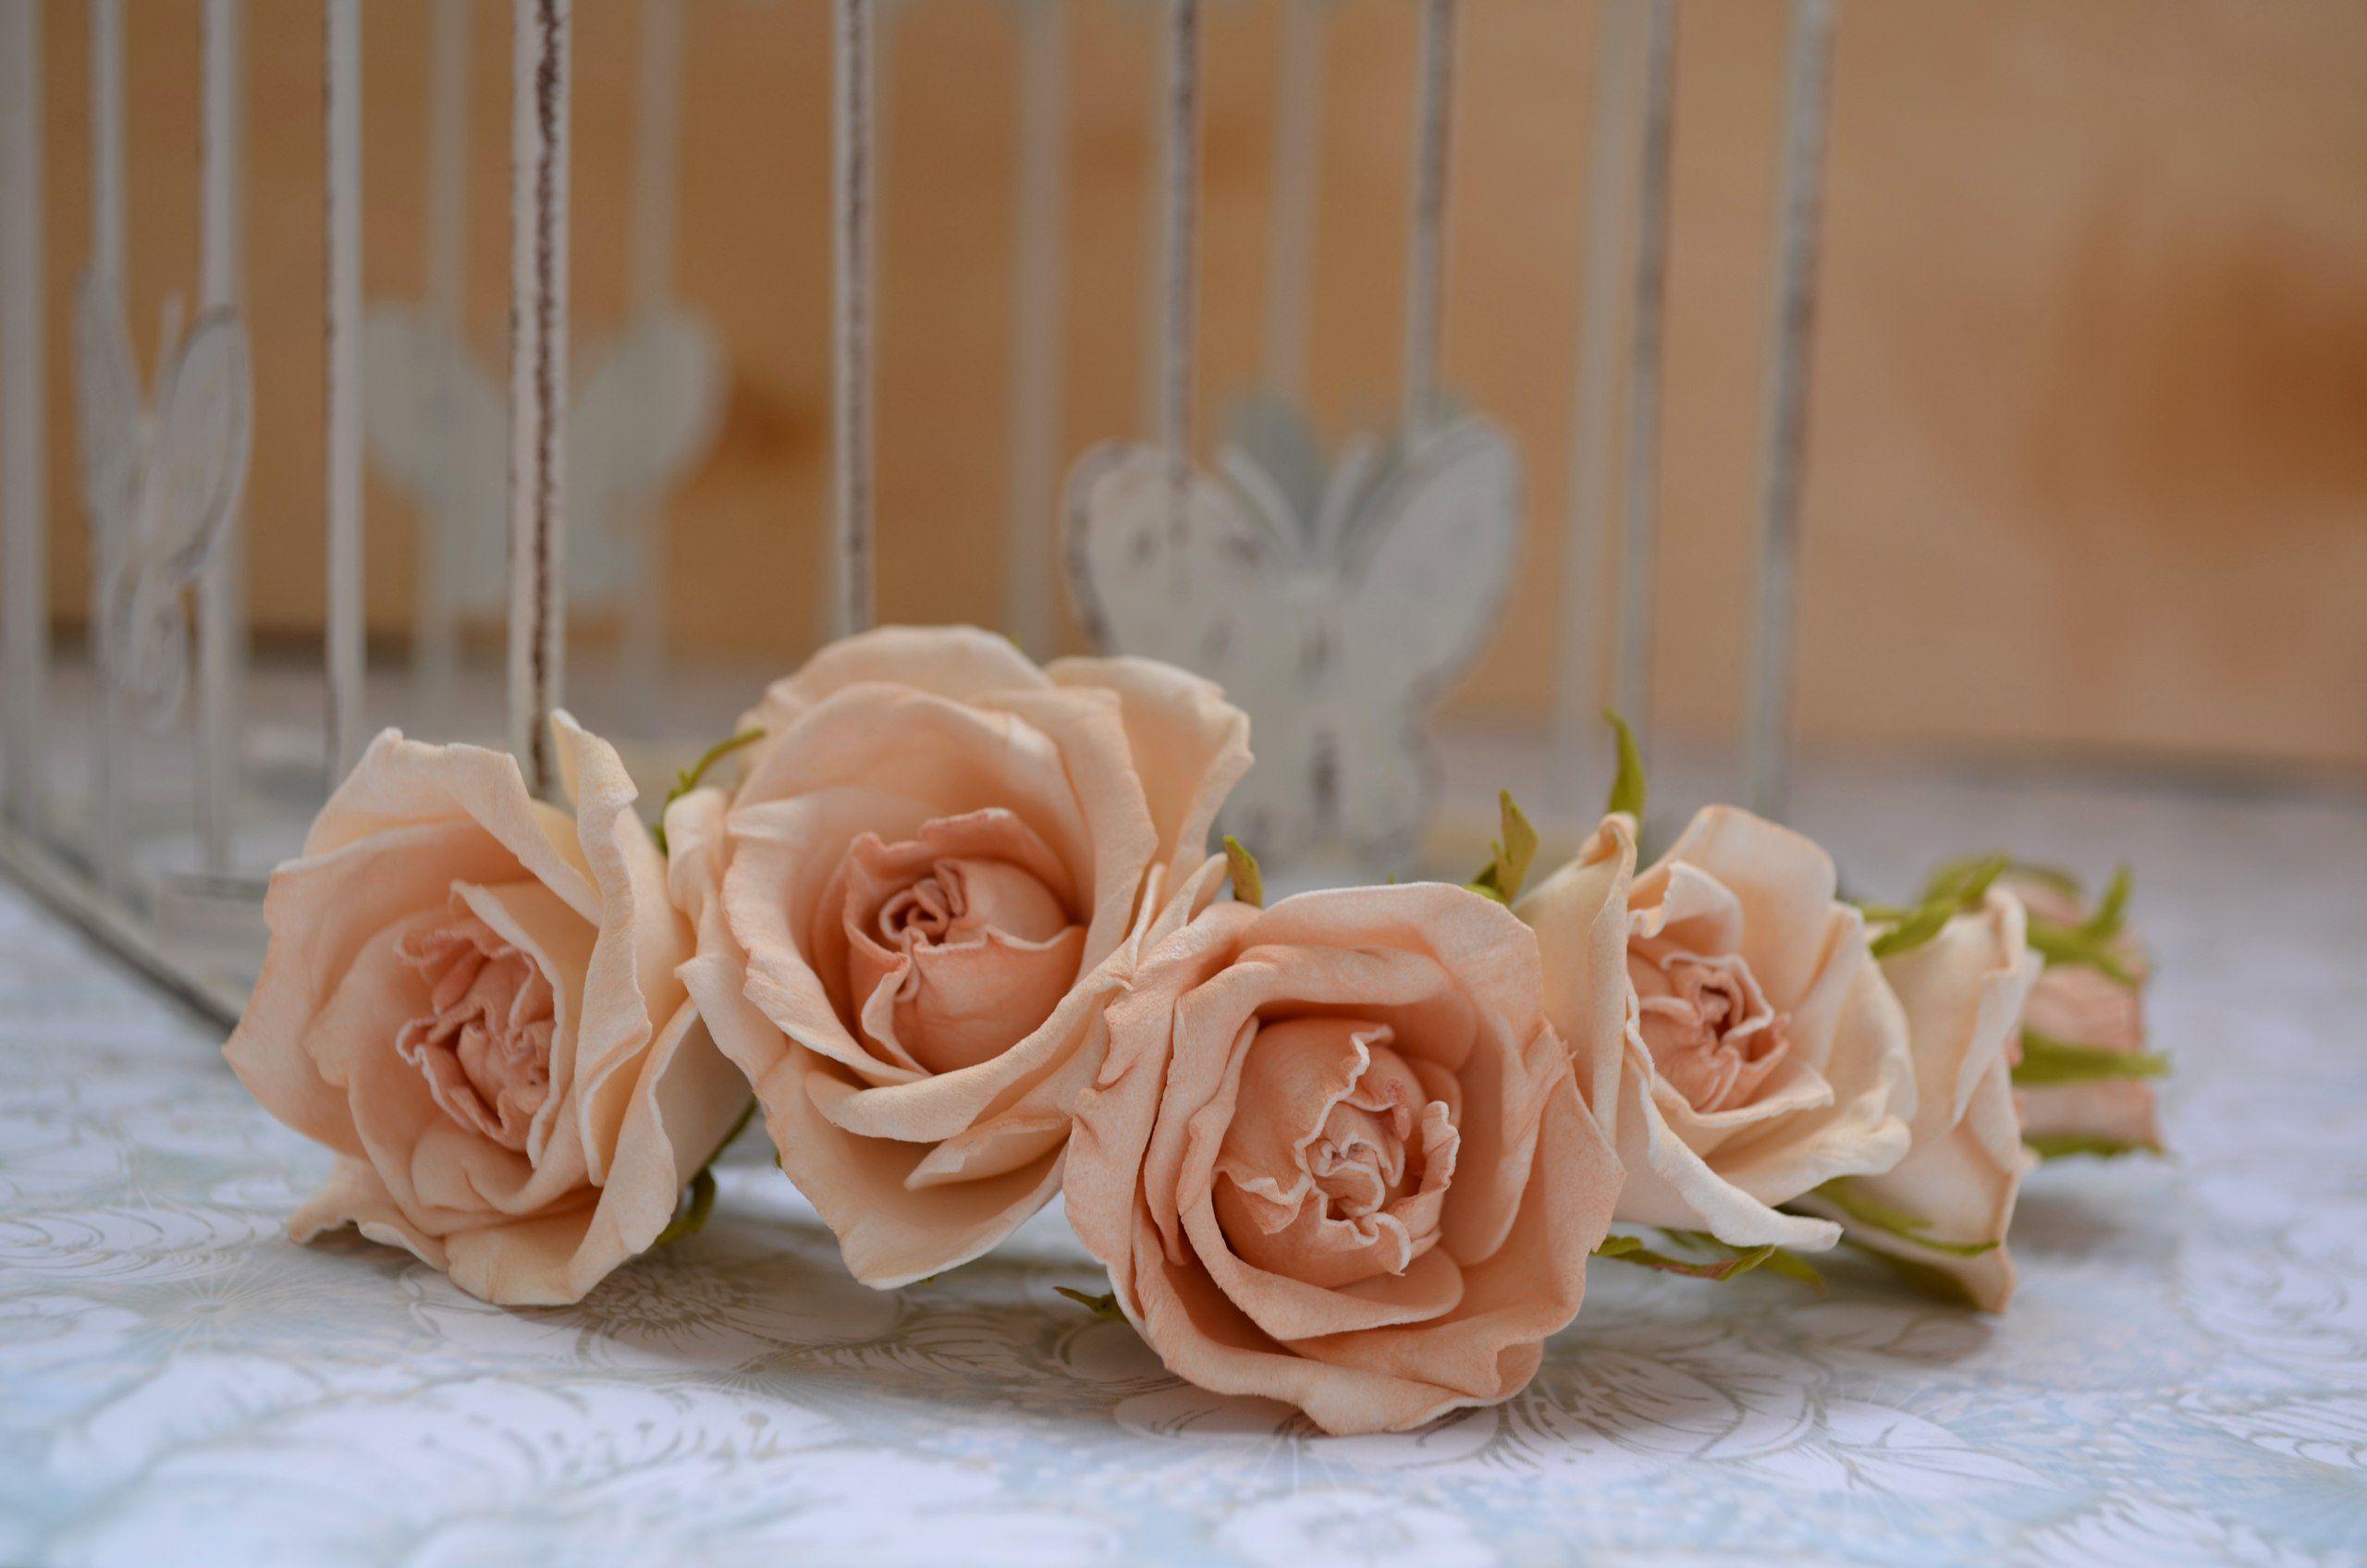 композиция стиль креатив фоамиран розы прическа. айвори цветы свадьба цветоделие